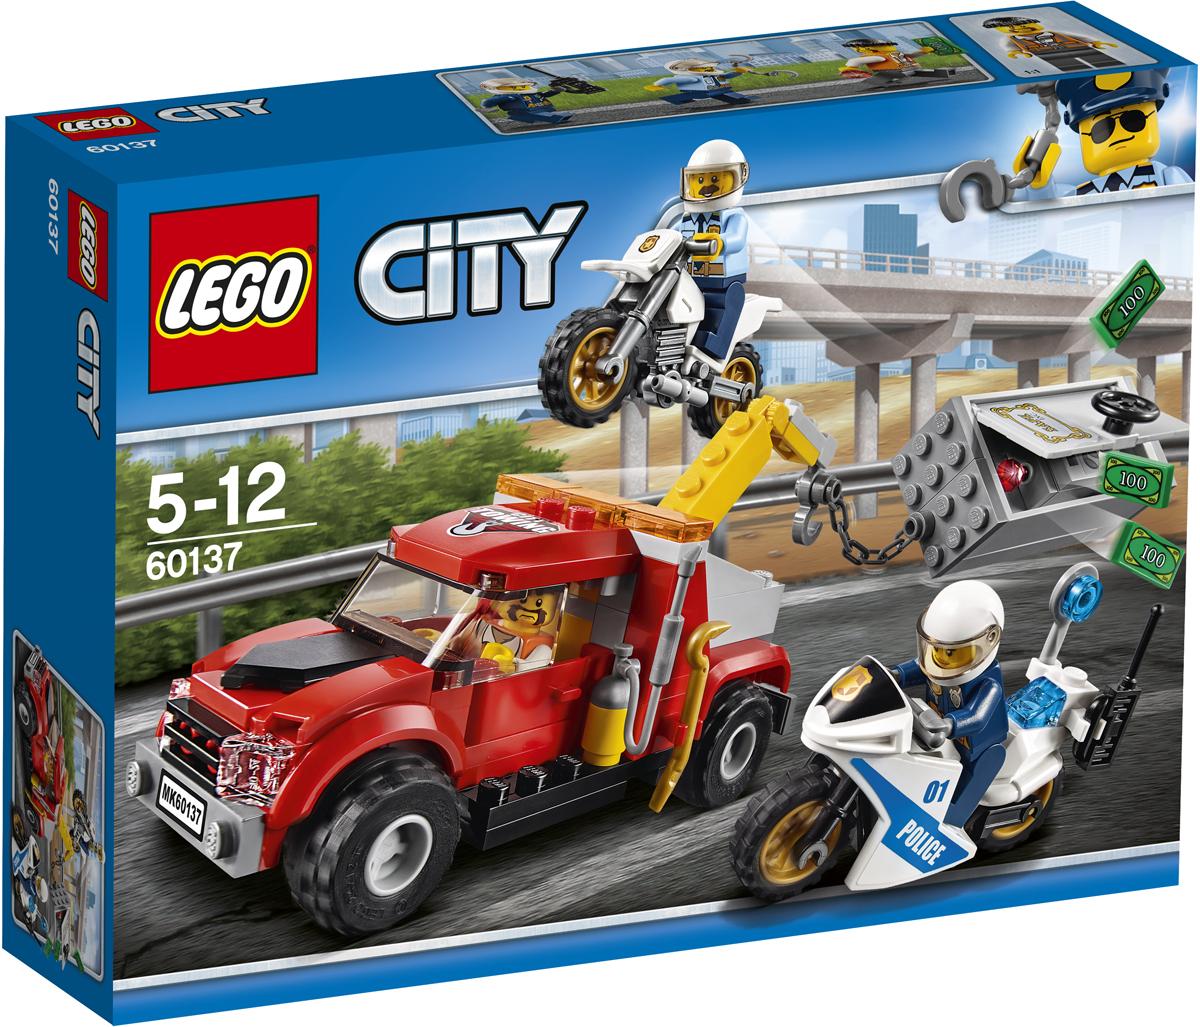 LEGO City Конструктор Побег на буксировщике 60137 lego city town конструктор отдых на пляже жители lego city 60153